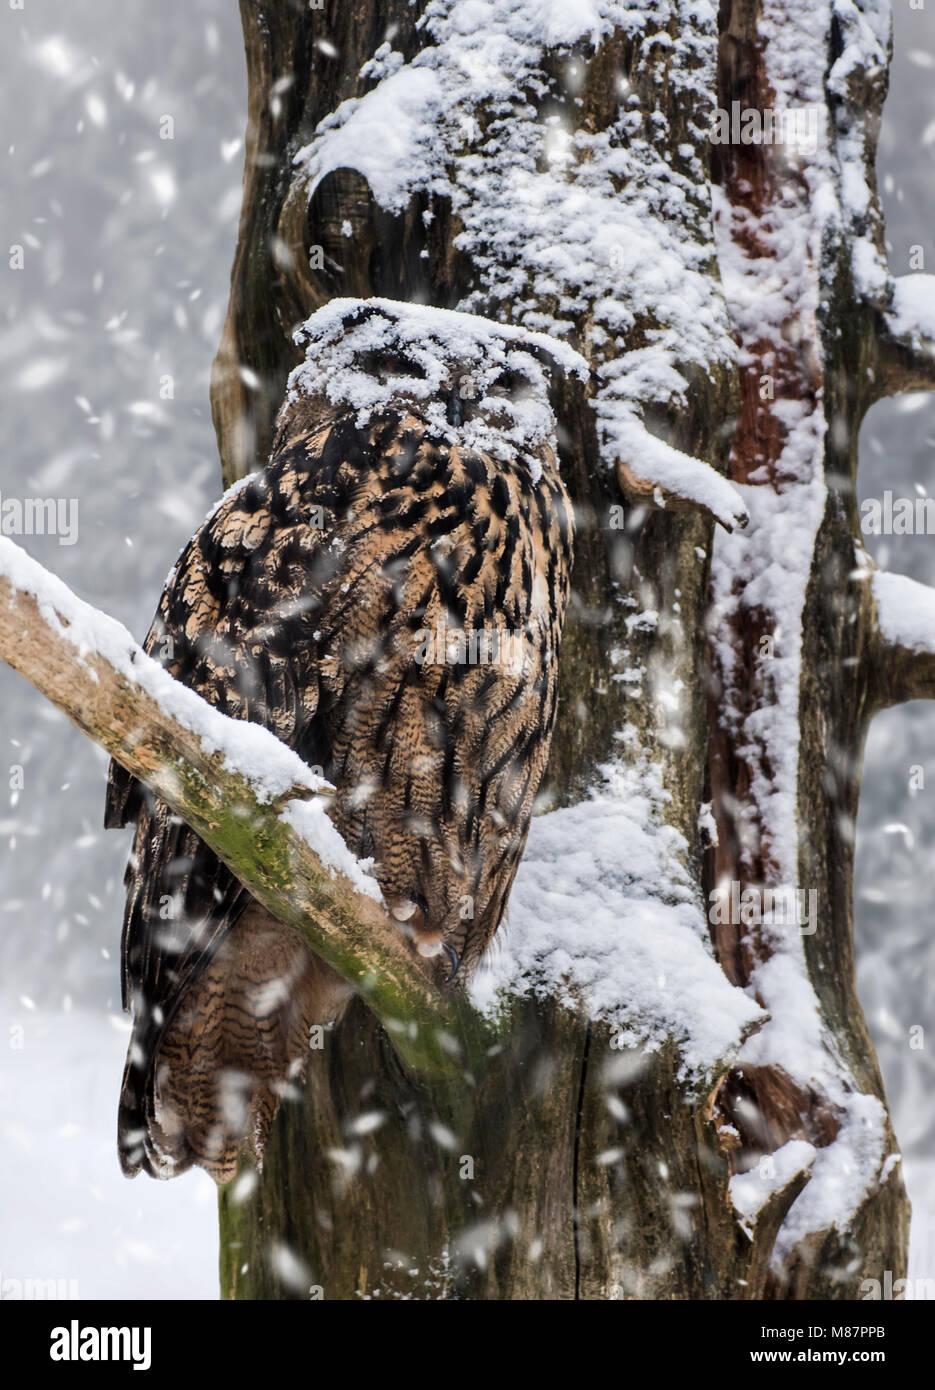 Eurasia owl / europeo-águila búho real (Bubo bubo) con el rostro cubierto de nieve posado en el árbol Imagen De Stock